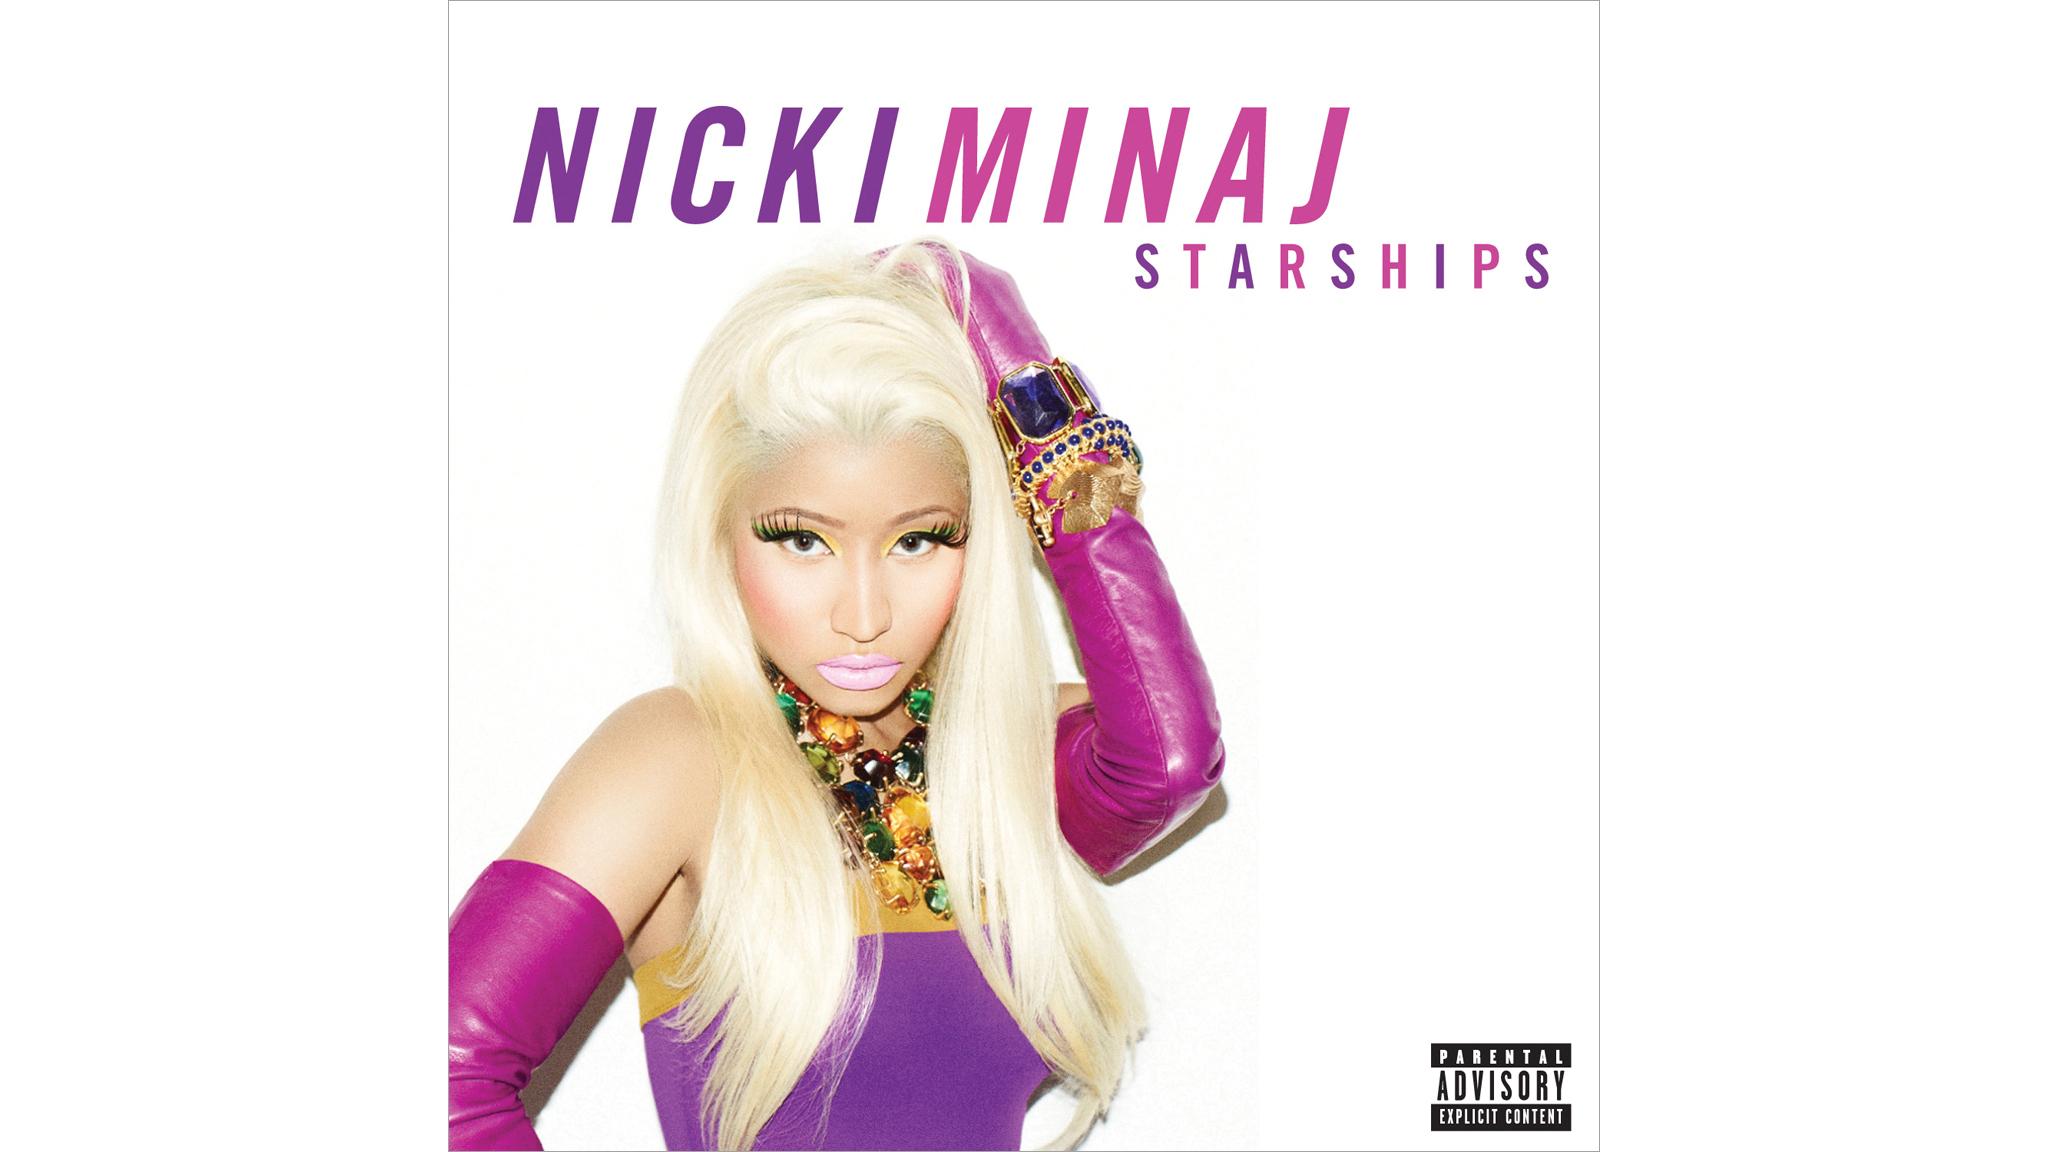 starships, nicki minaj